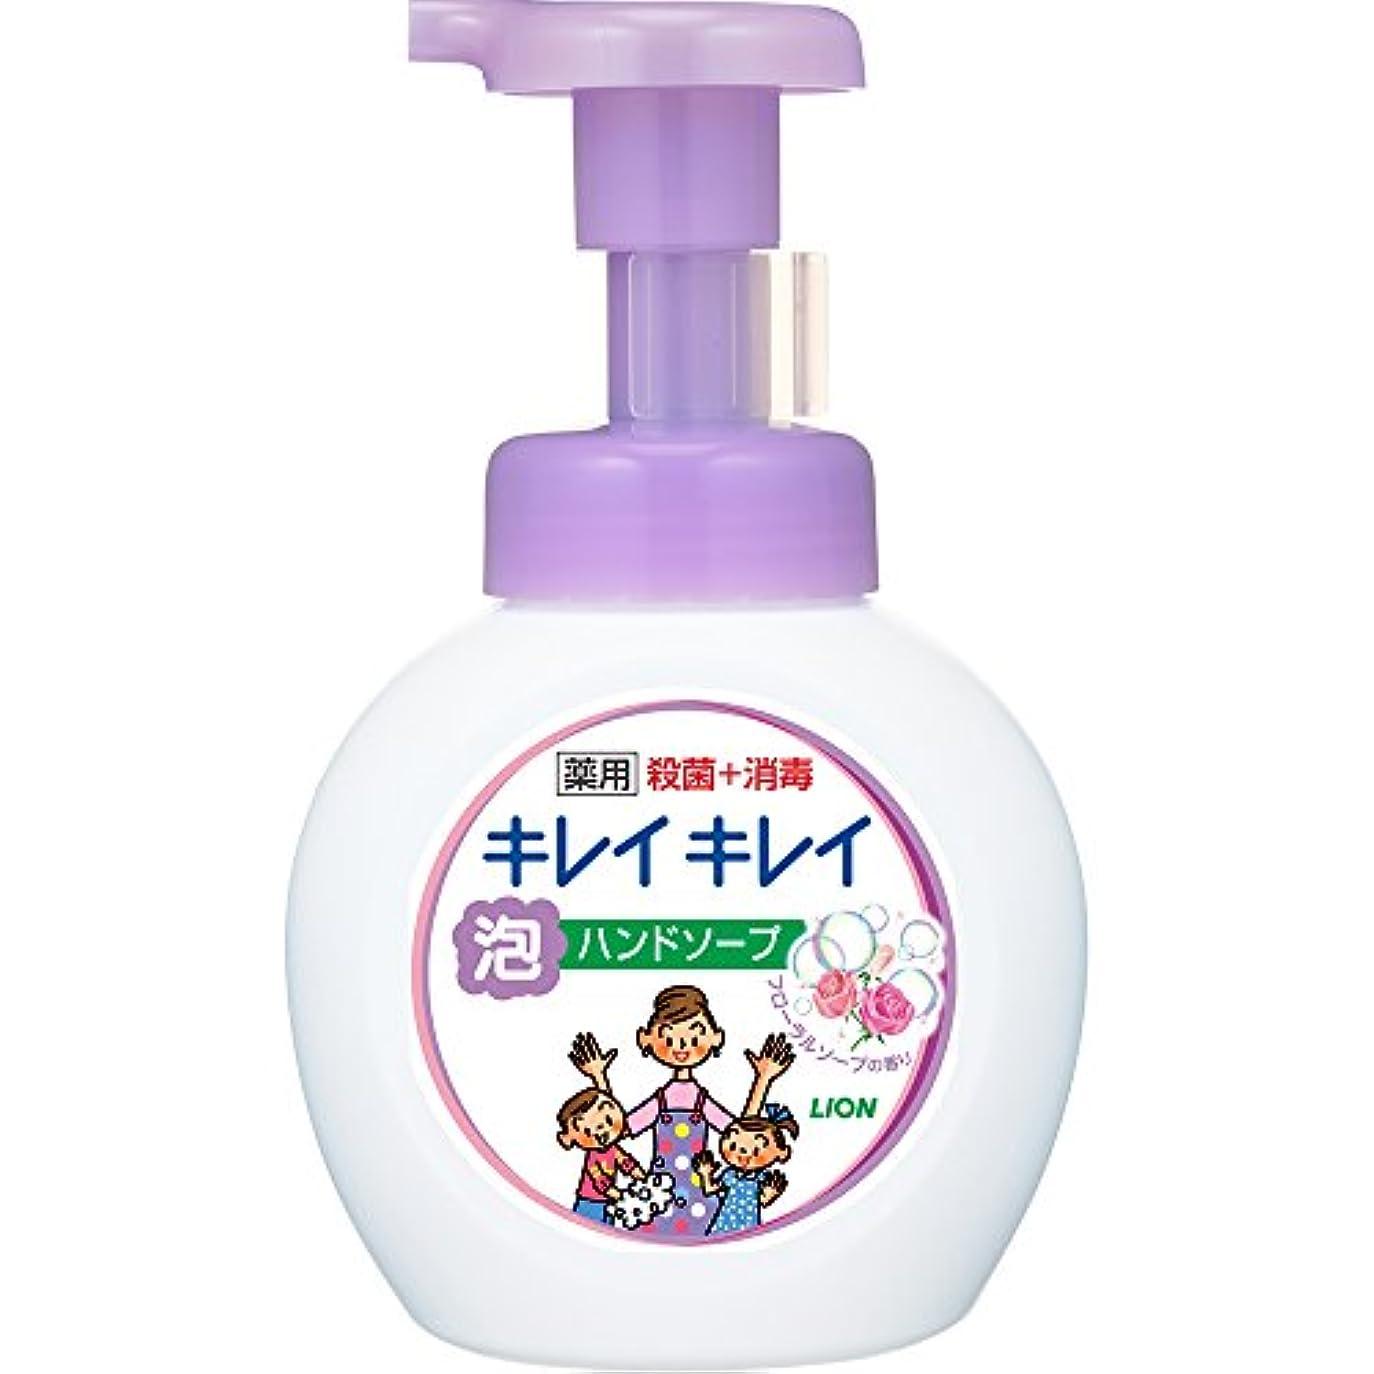 家主制限された出力キレイキレイ 薬用 泡ハンドソープ フローラルソープの香り 本体ポンプ 250ml(医薬部外品)